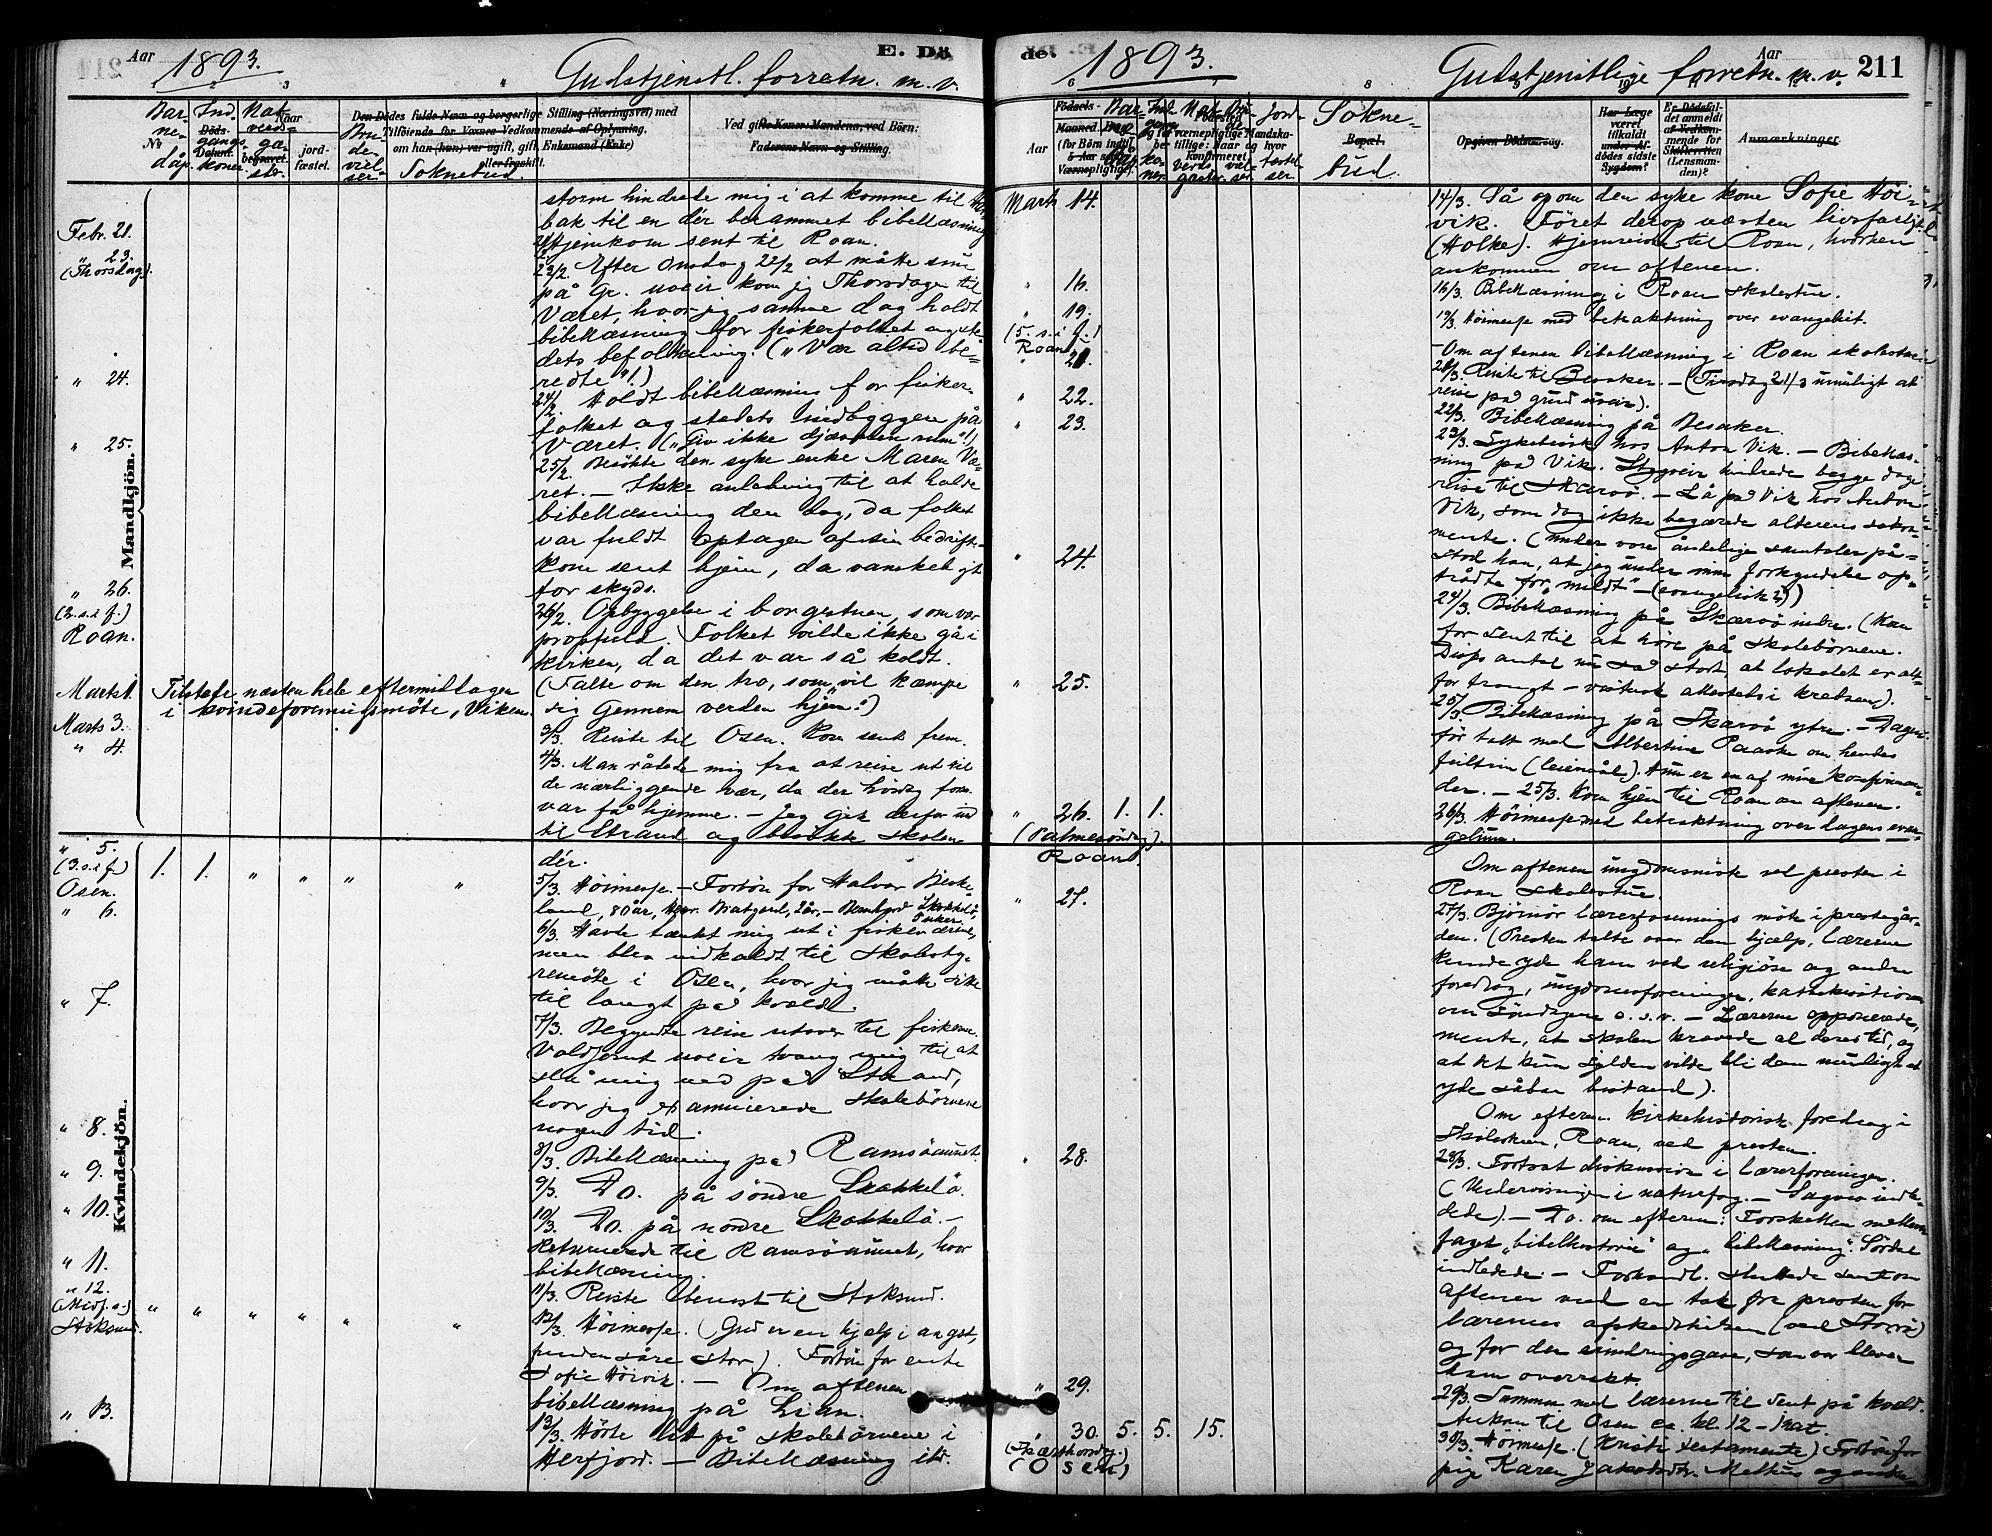 SAT, Ministerialprotokoller, klokkerbøker og fødselsregistre - Sør-Trøndelag, 657/L0707: Ministerialbok nr. 657A08, 1879-1893, s. 211